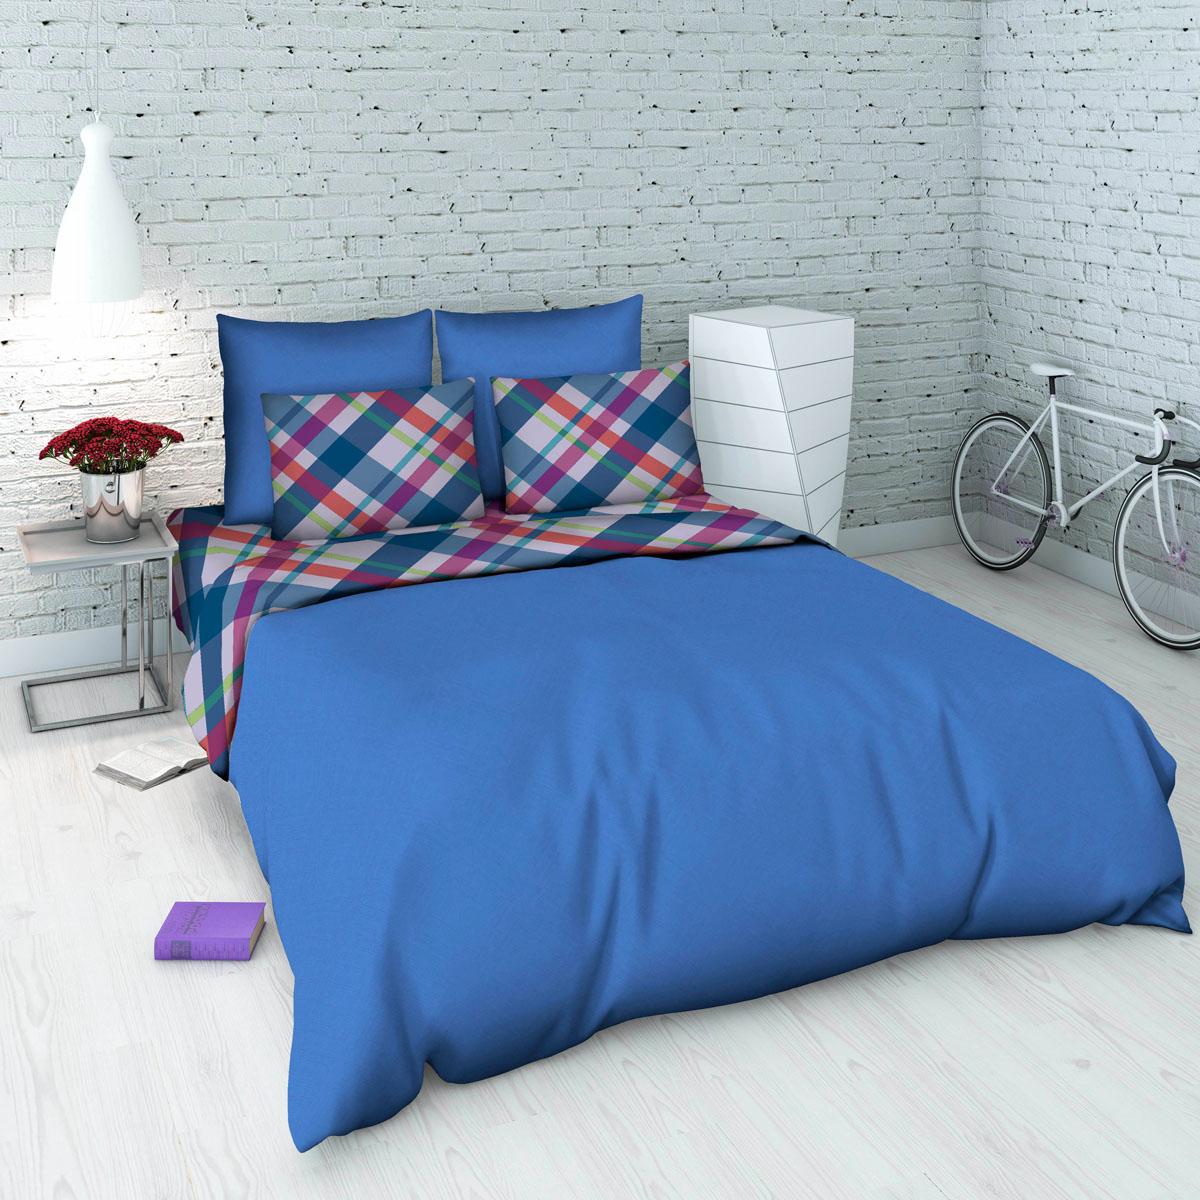 Комплект белья Василиса, 2-спальный, наволочки 70х70. 5345_2/2329470Комплект постельного белья Василиса состоит из пододеяльника, простыни и двух наволочек. Белье производится из высококачественной бязи (100% хлопка).Использование особо тонкой пряжи делает ткань мягче на ощупь, обеспечивает легкое глажение и позволяет передать всю насыщенность цветовой гаммы. Благодаря более плотному переплетению нитей и использованию высококачественных импортных красителей постельное белье выдерживает до 70 стирок.Приобретая комплект постельного белья Василиса, вы можете быть уверены в том, что покупка доставит вам удовольствие и подарит максимальный комфорт.